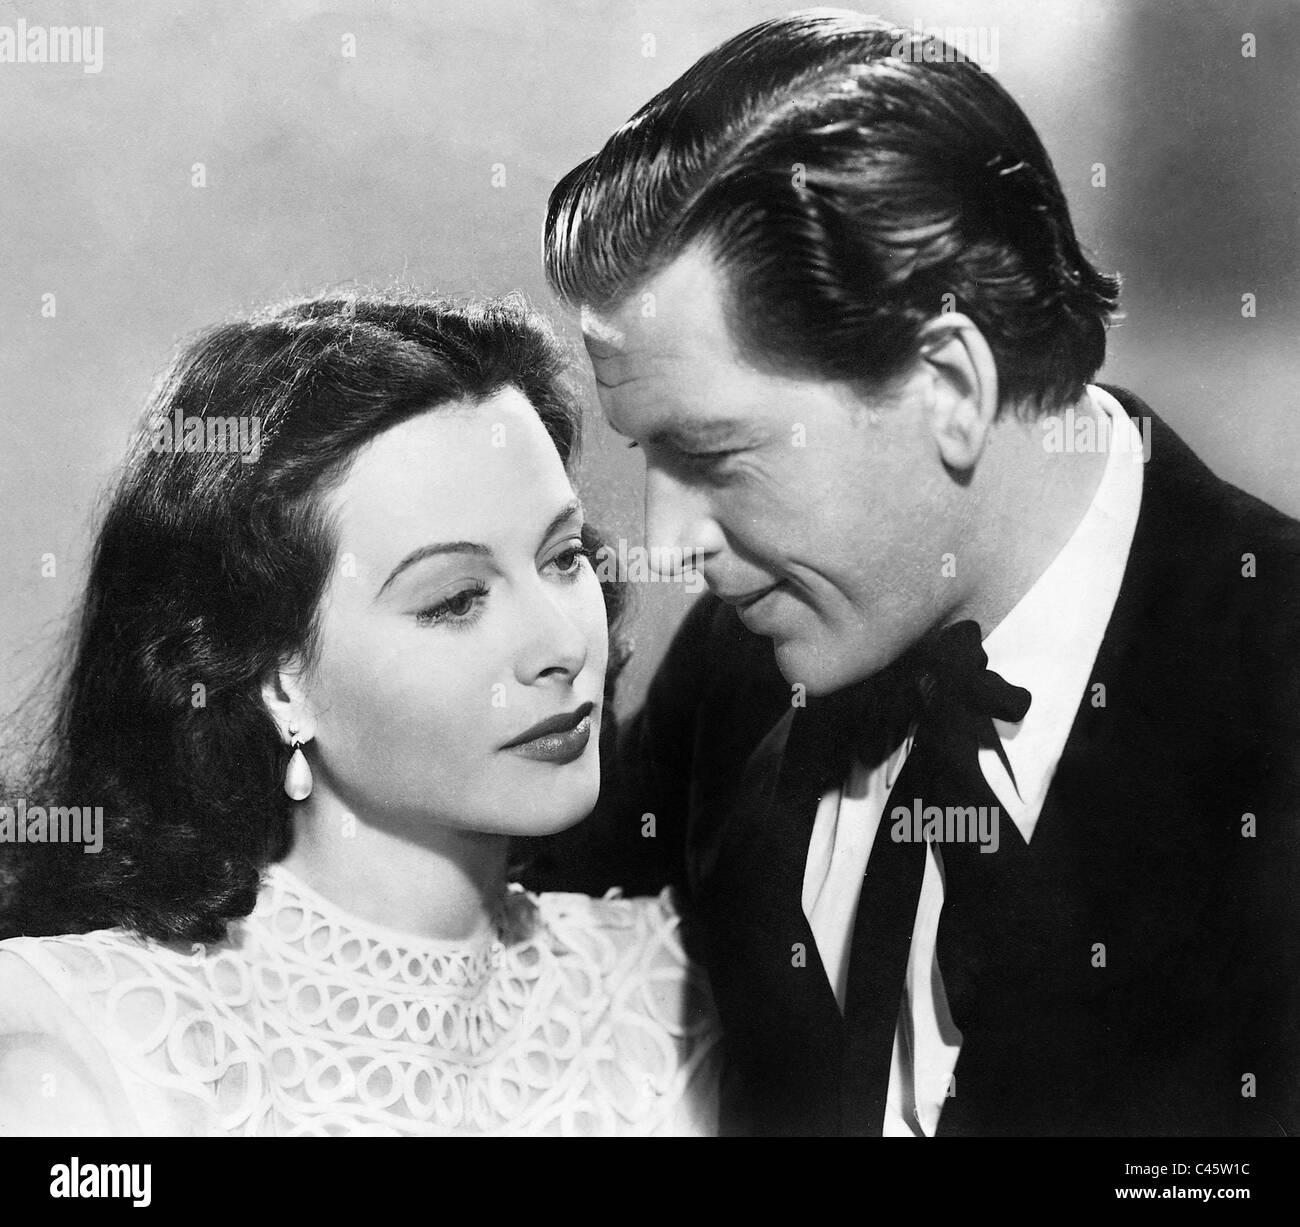 Hedy Lamarr and Frits van Dongen in 'Ziegfeld Girl', 1941 Stock Photo